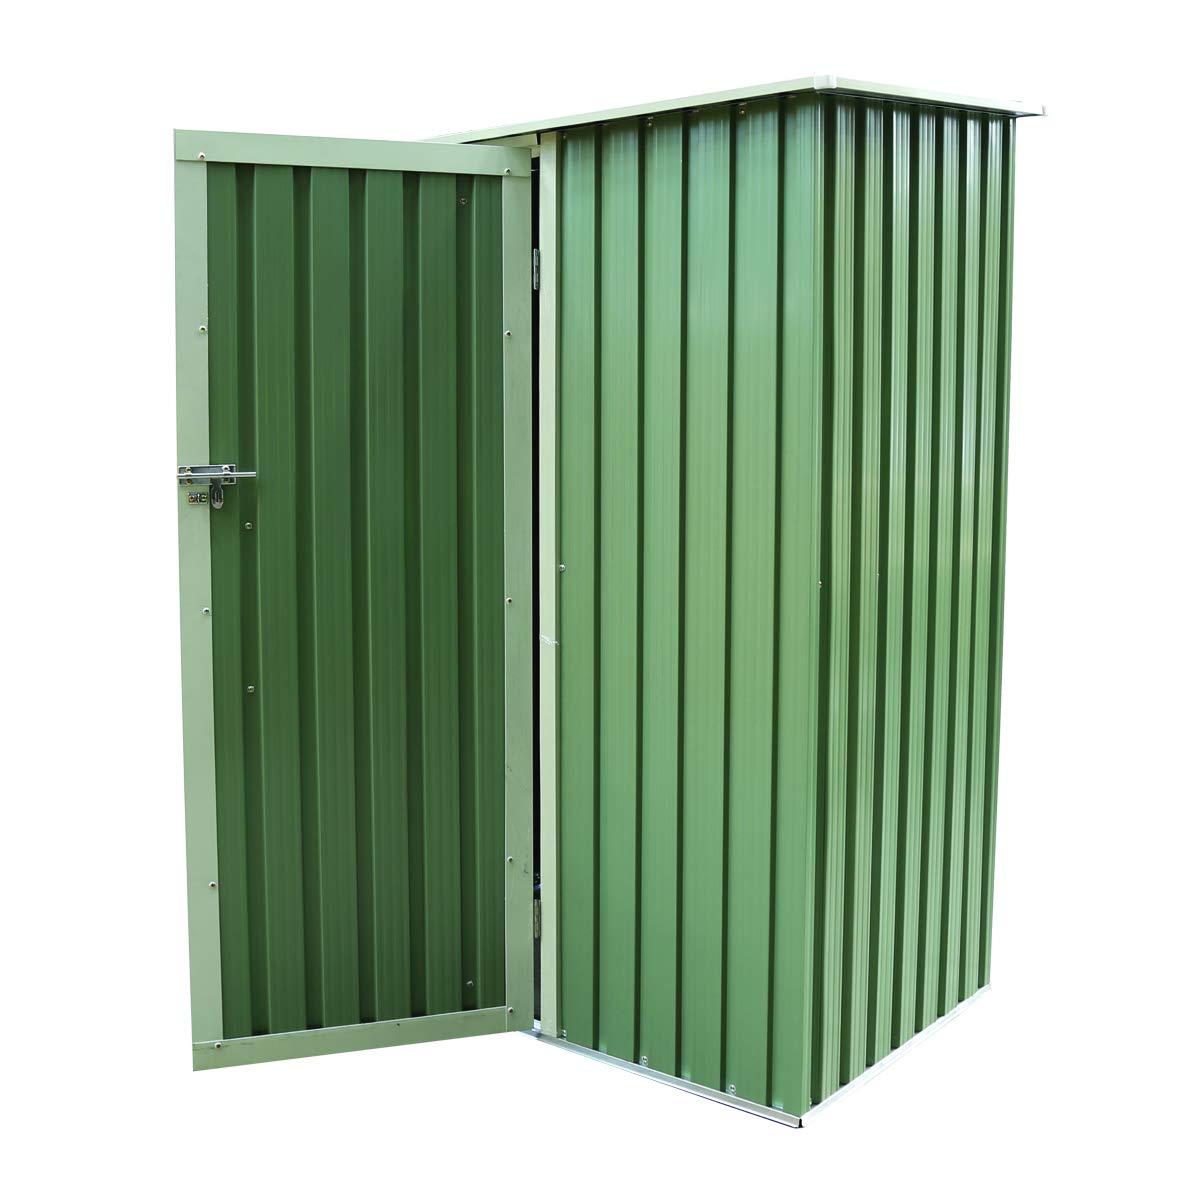 Charles Bentley Jardín 4.7ft x 3 pies de metal nave de almacenamiento en el pecho pequeño techo verde puerta Apex: Amazon.es: Jardín